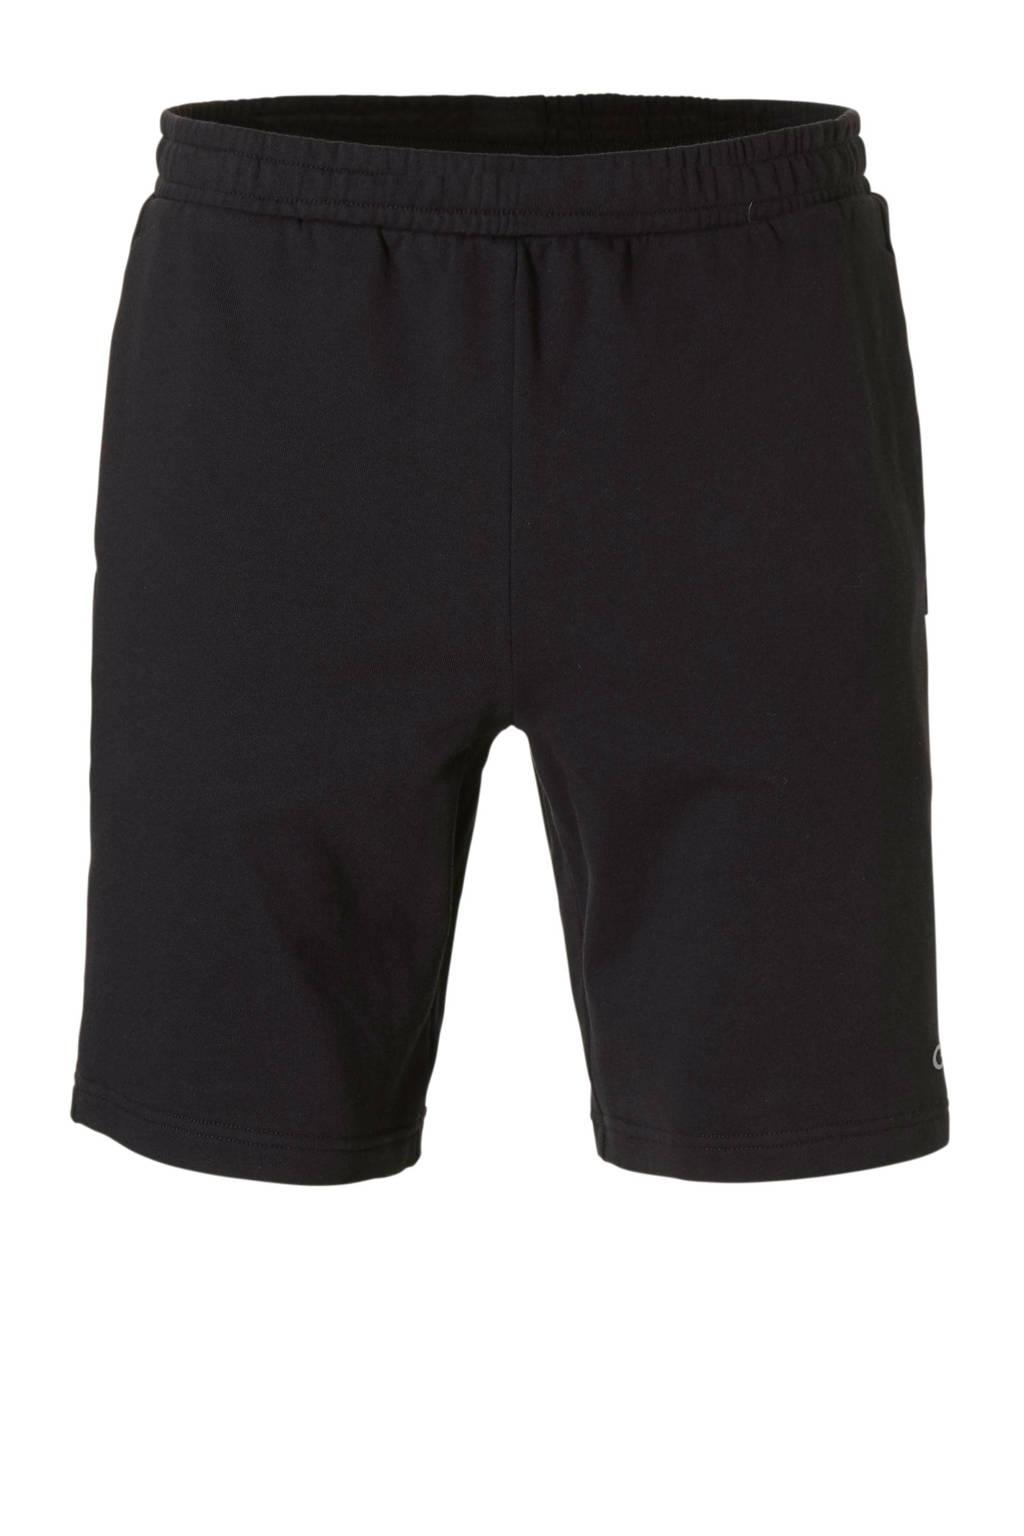 Calvin Klein   sportshort met printopdruk zwart, Zwart